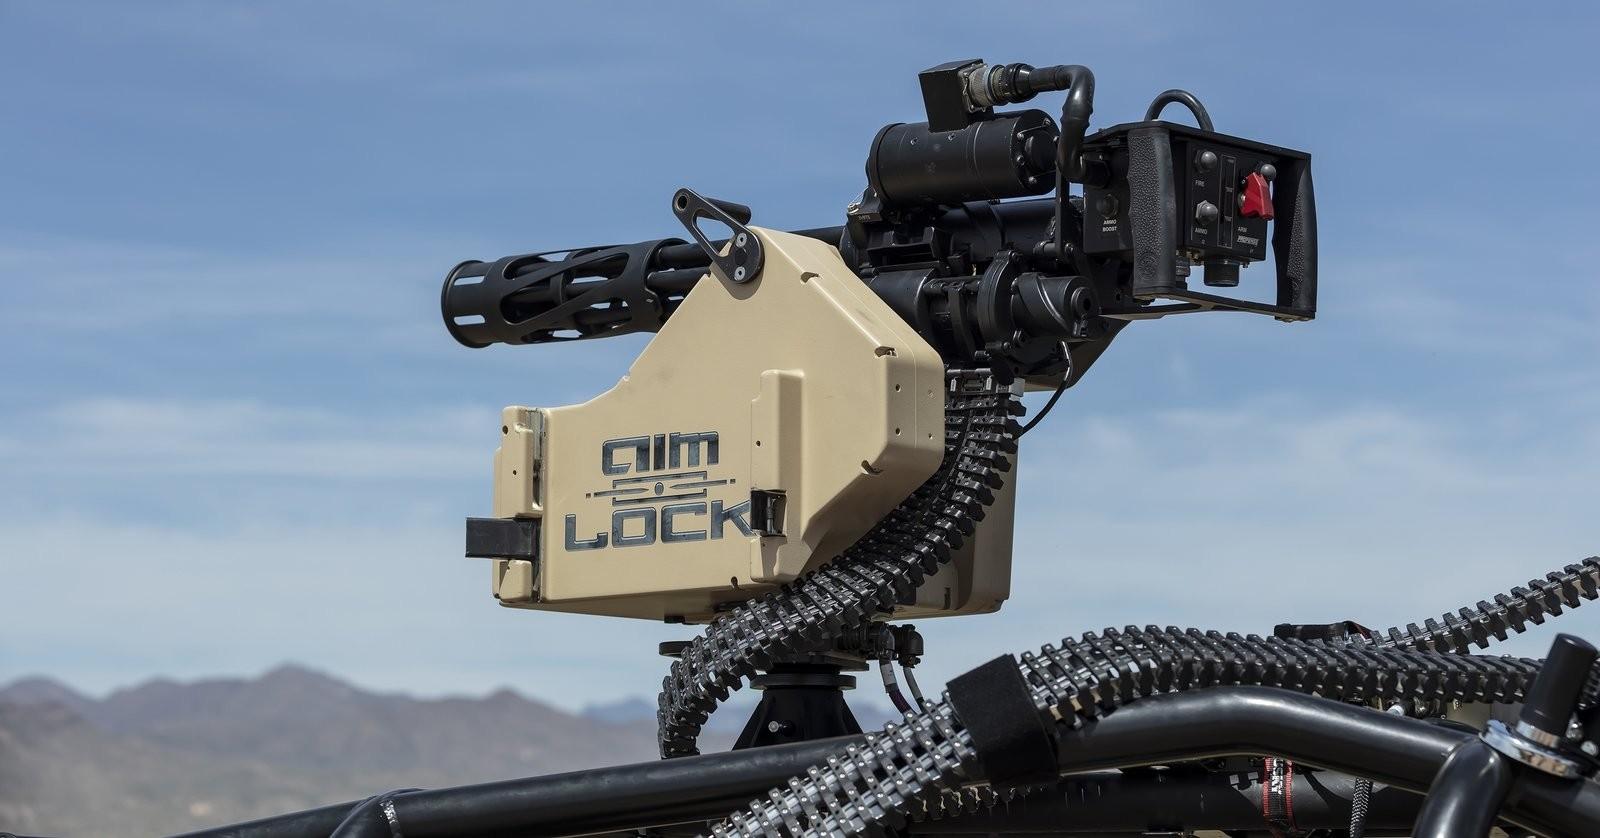 Hệ thống súng của xe có thể tự vận hành